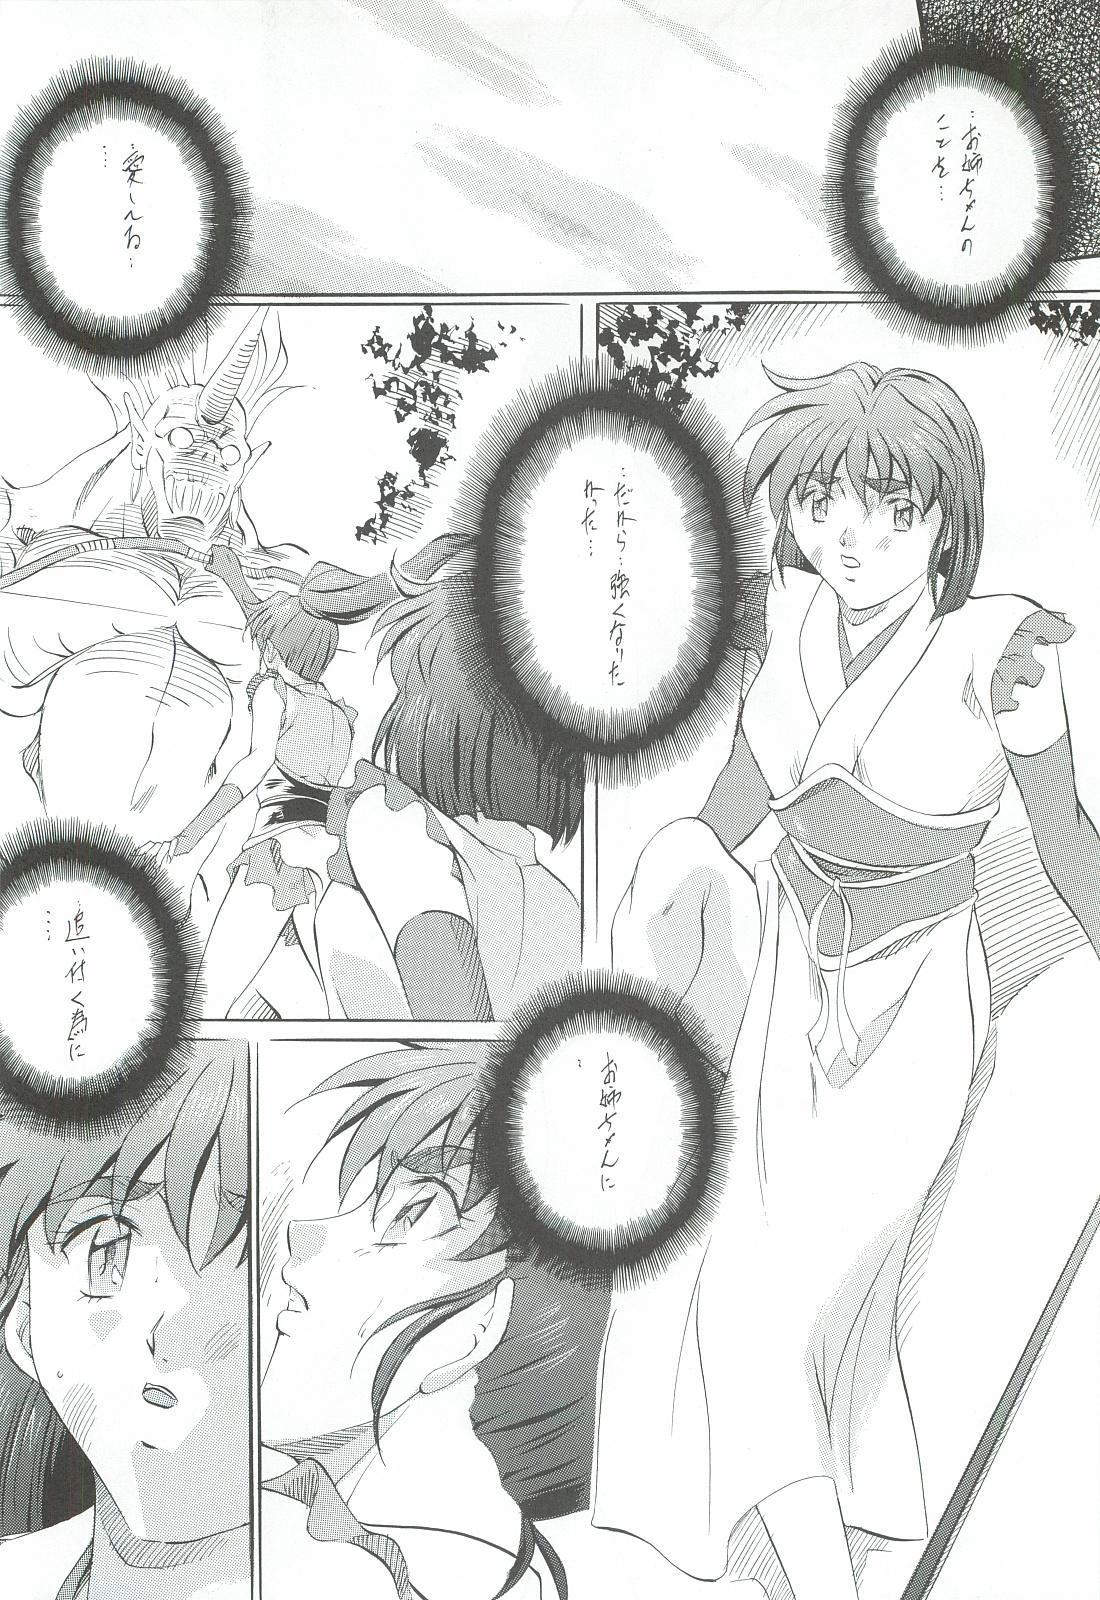 Ai & Mai Gaiden - Kishin Fukkatsu no Shou 112